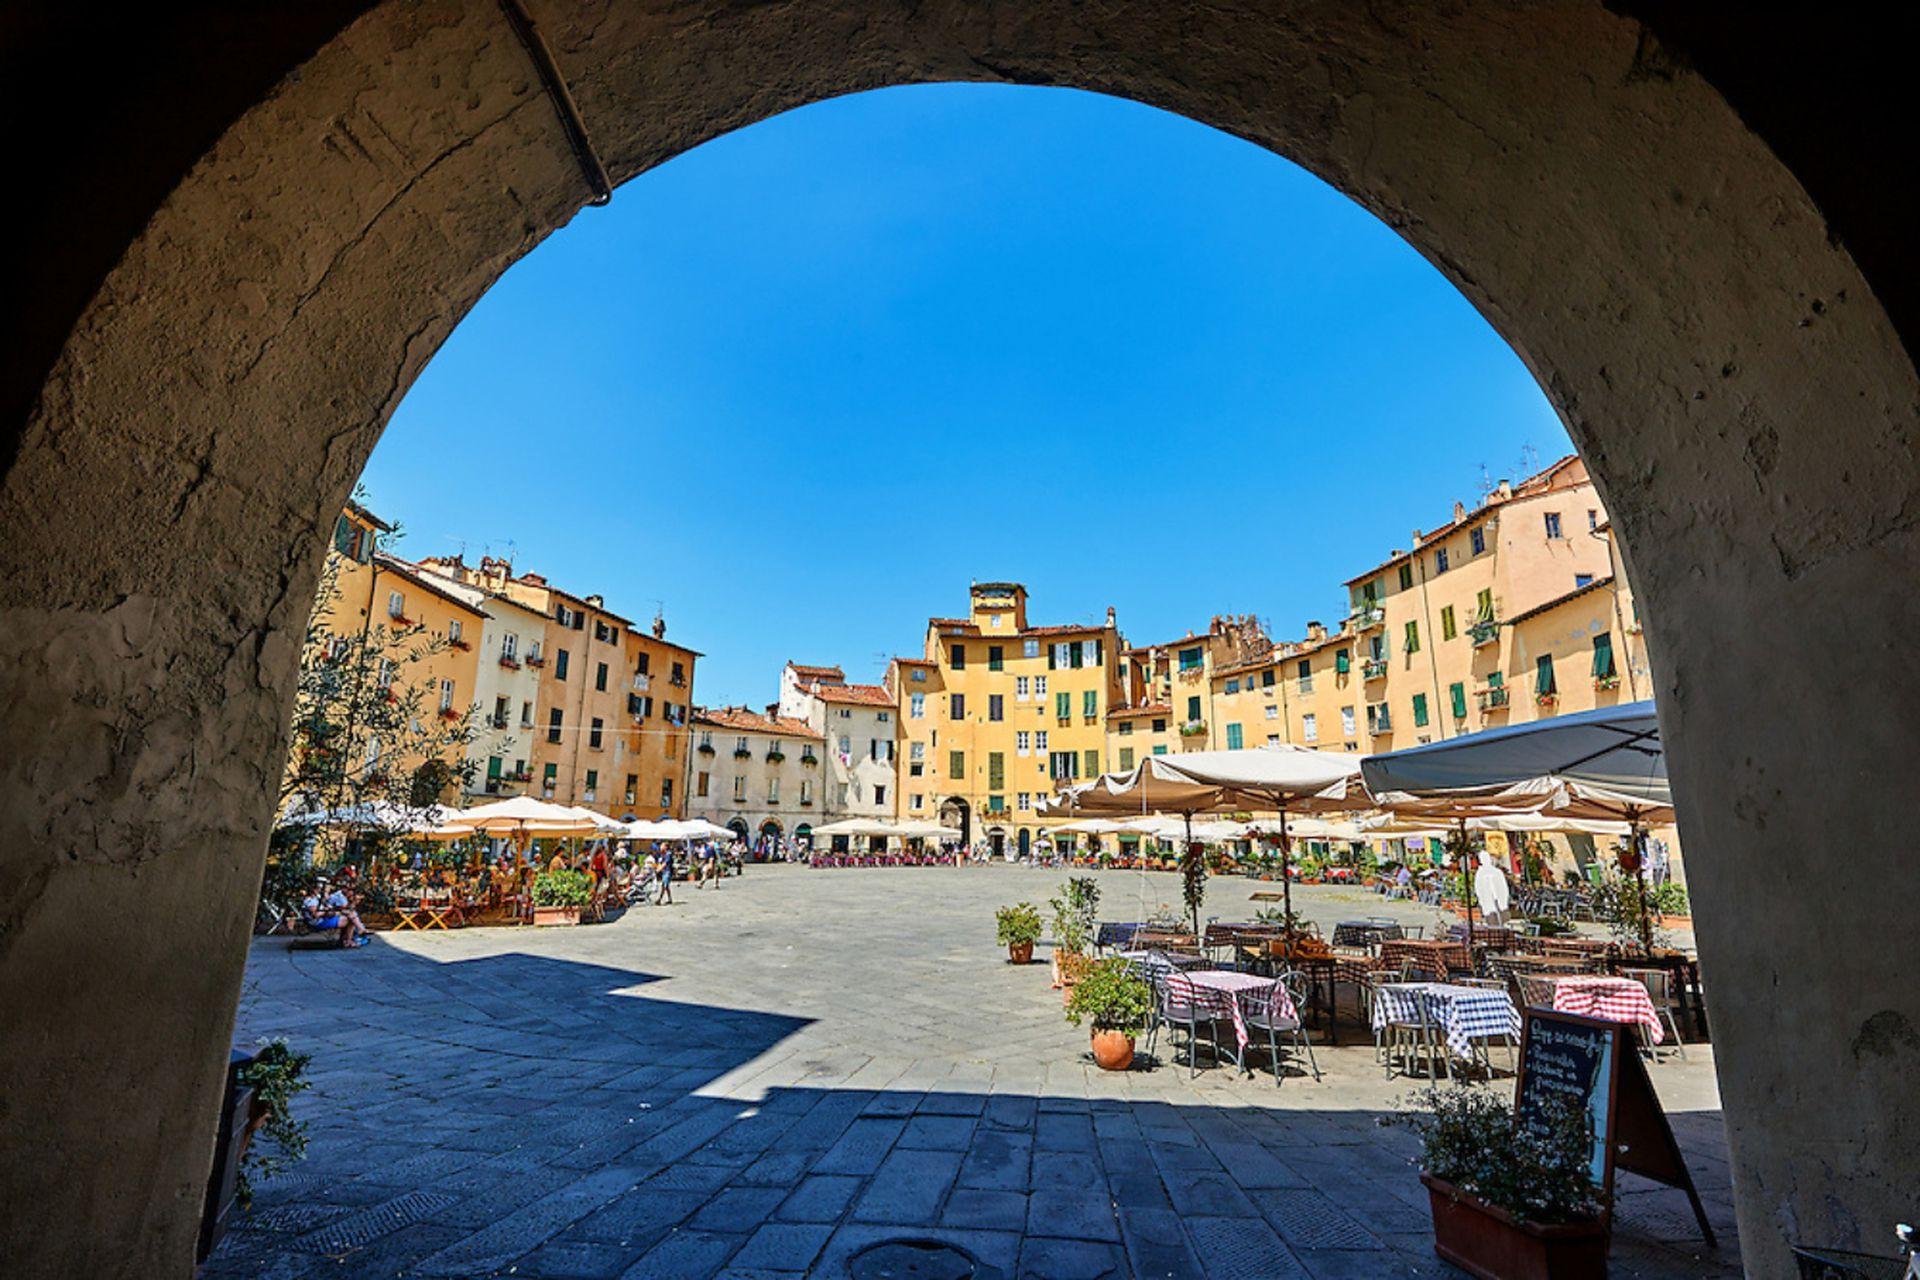 Entrada a la piazza dell´ anfiteatro de Lucca. Situada junto al río Serchio, es una de las ciudades más desconocidas pero más bellas de la Toscana.